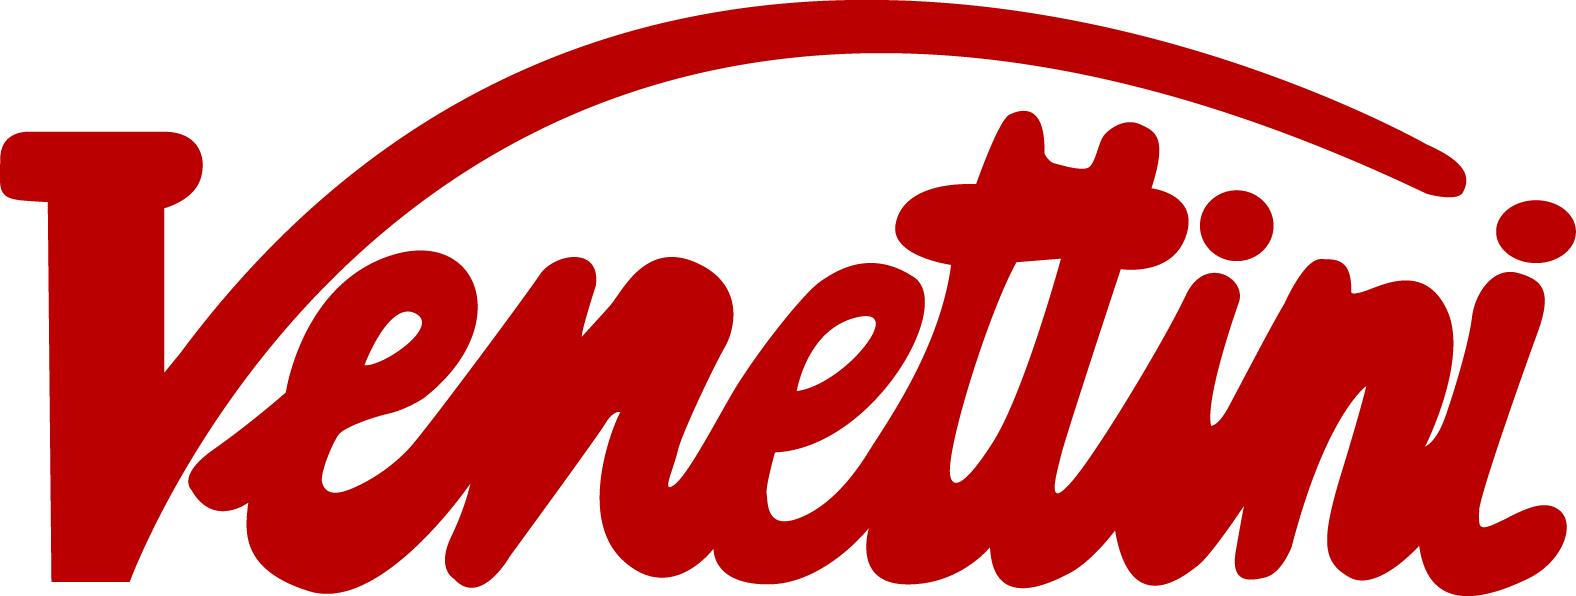 venettini_logo